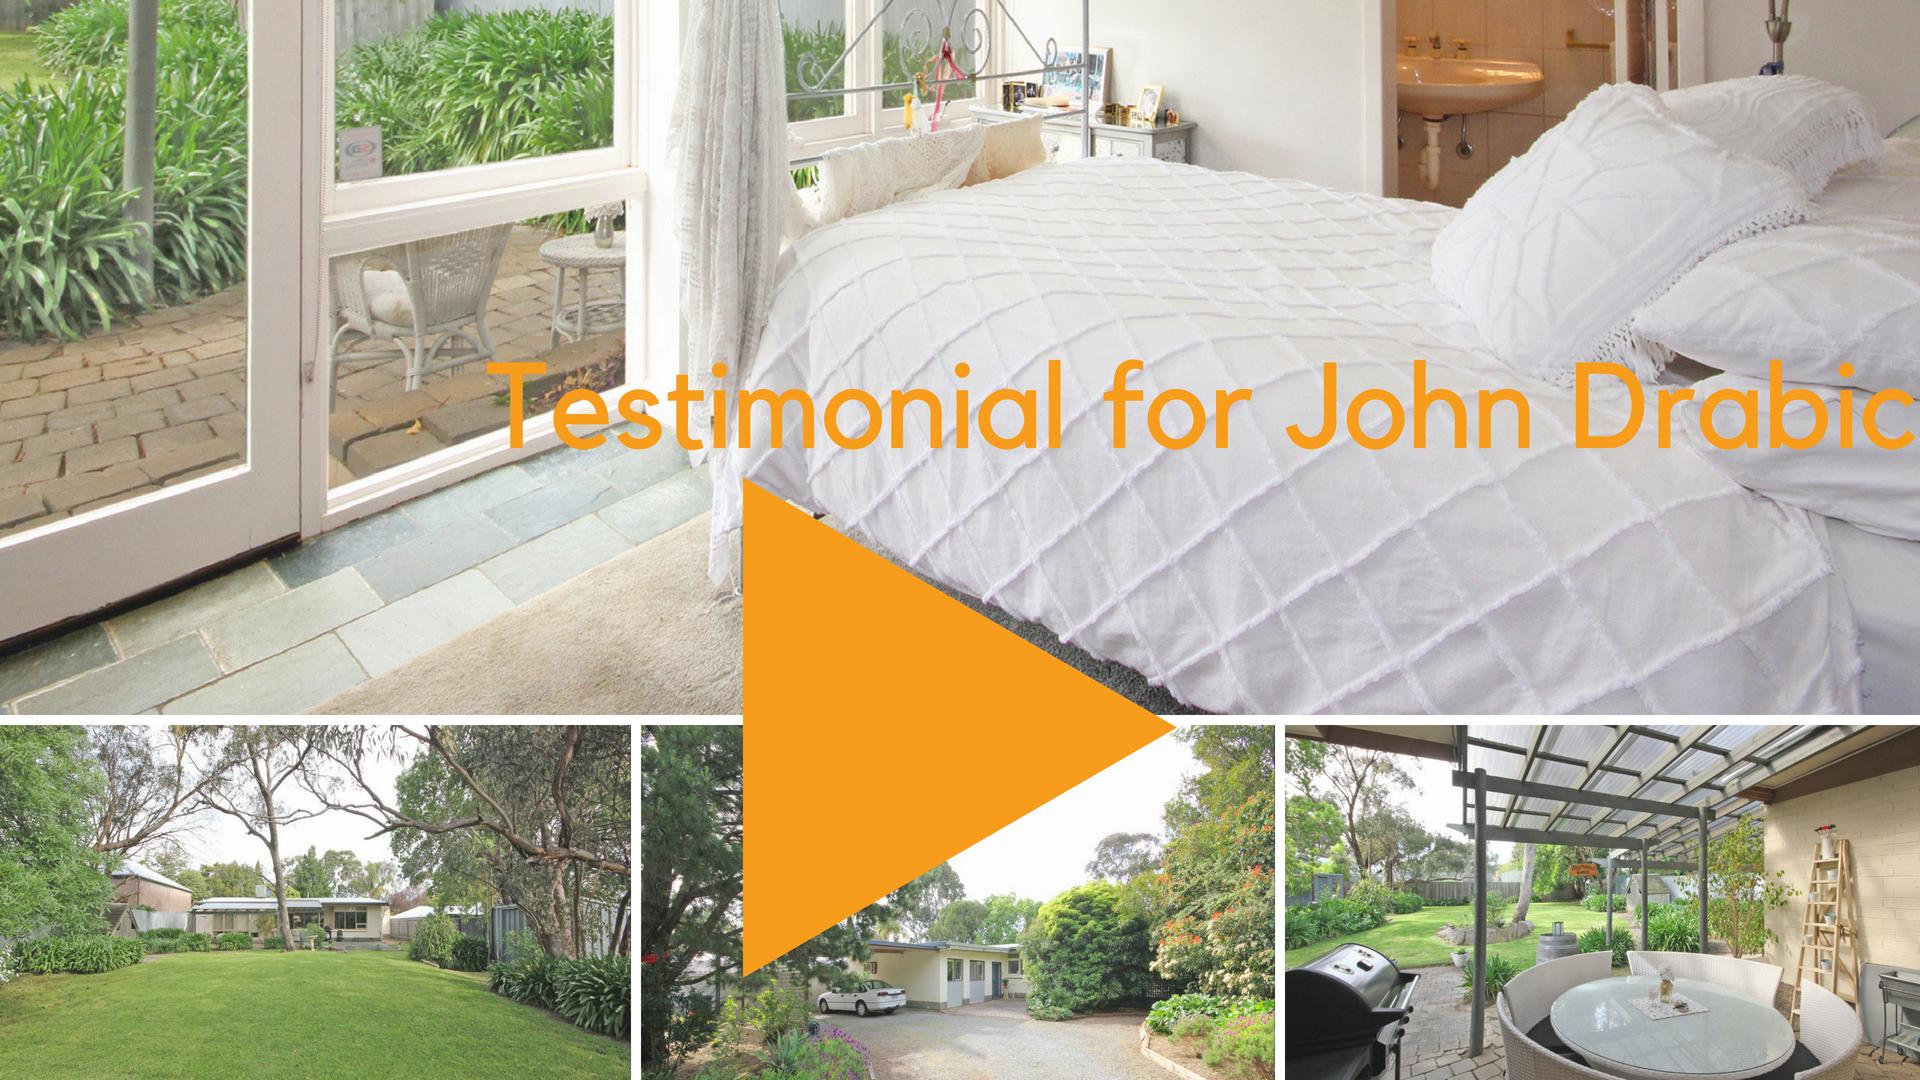 Purchaser testimonial for John Drabic